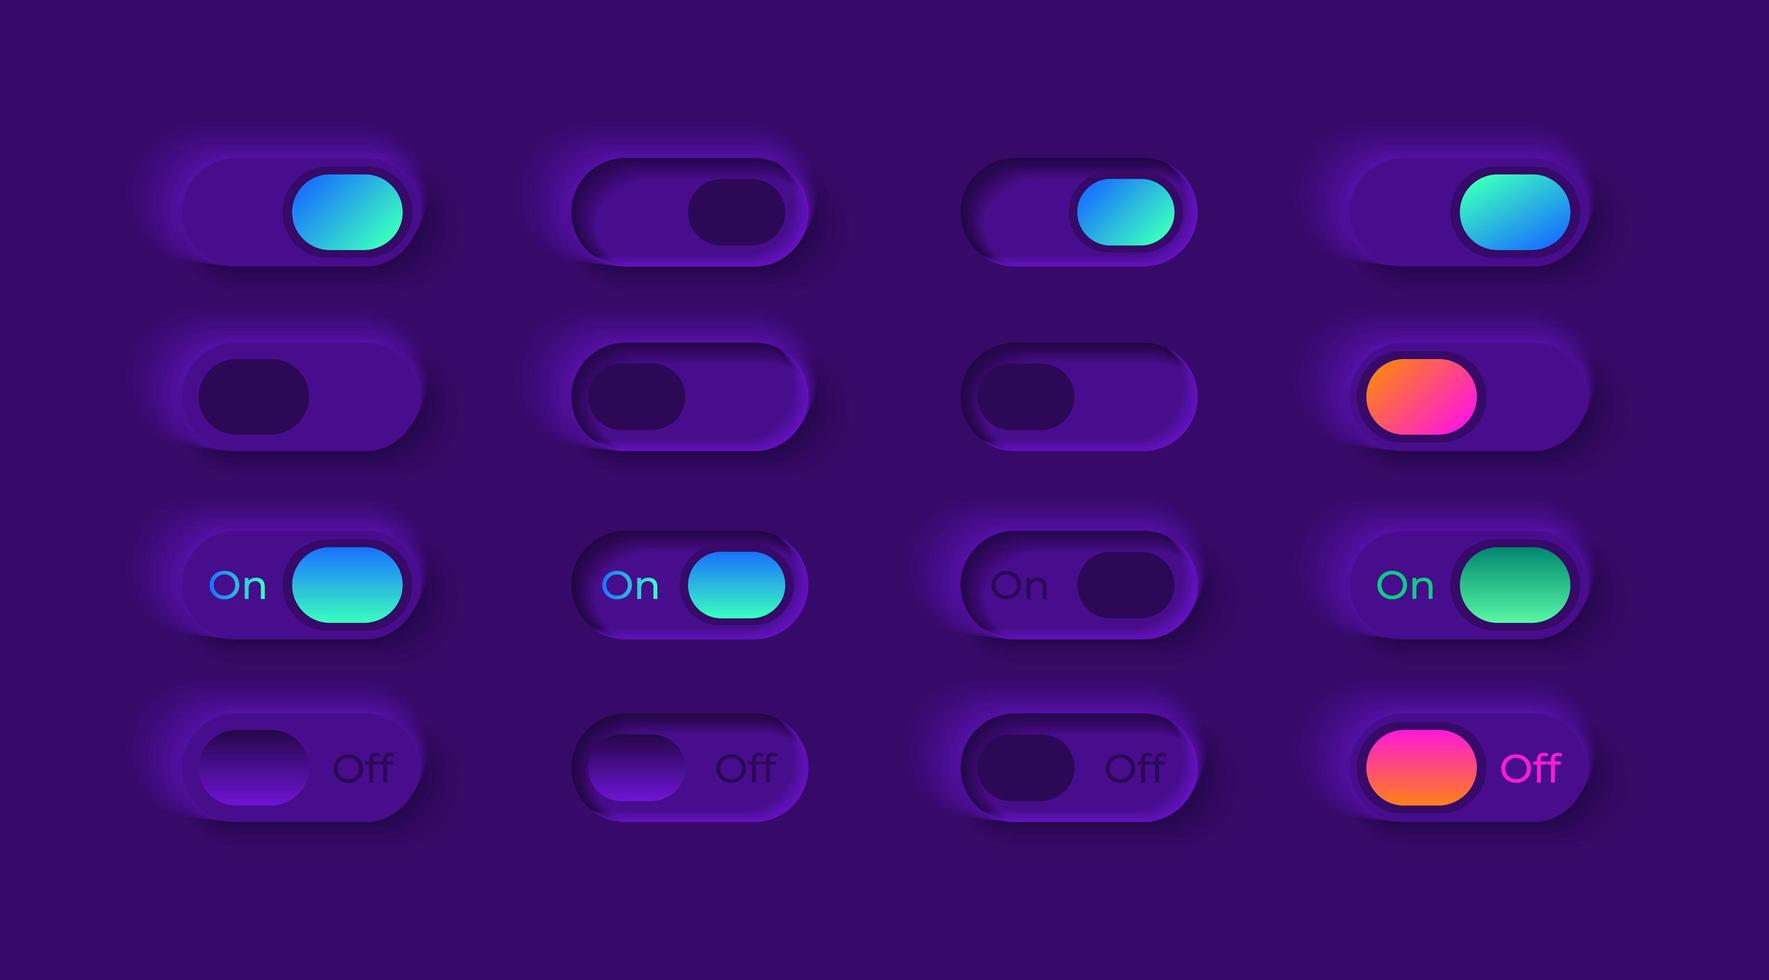 il lettore video cambia il kit di elementi dell'interfaccia utente vettore